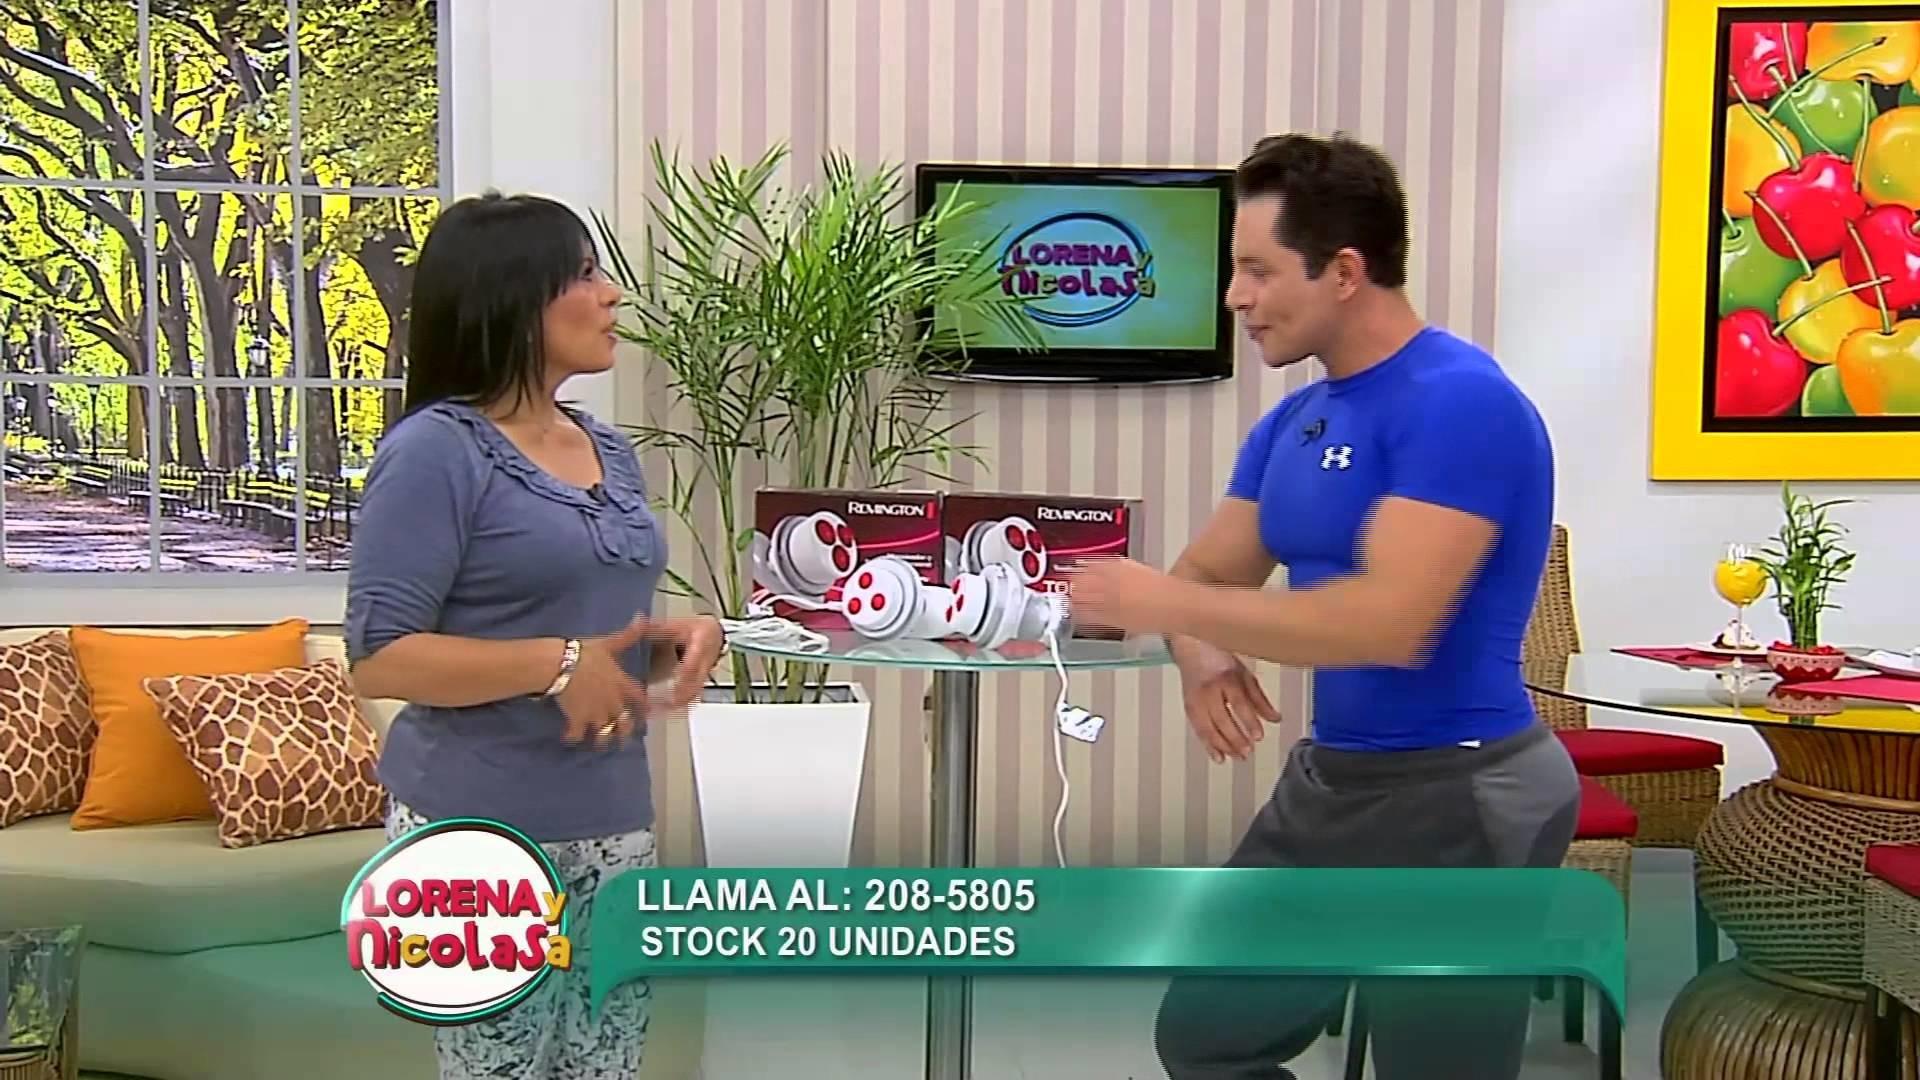 Lorena y Nicolasa: aprende a elaborar y decorar ángeles de tela (2.2)